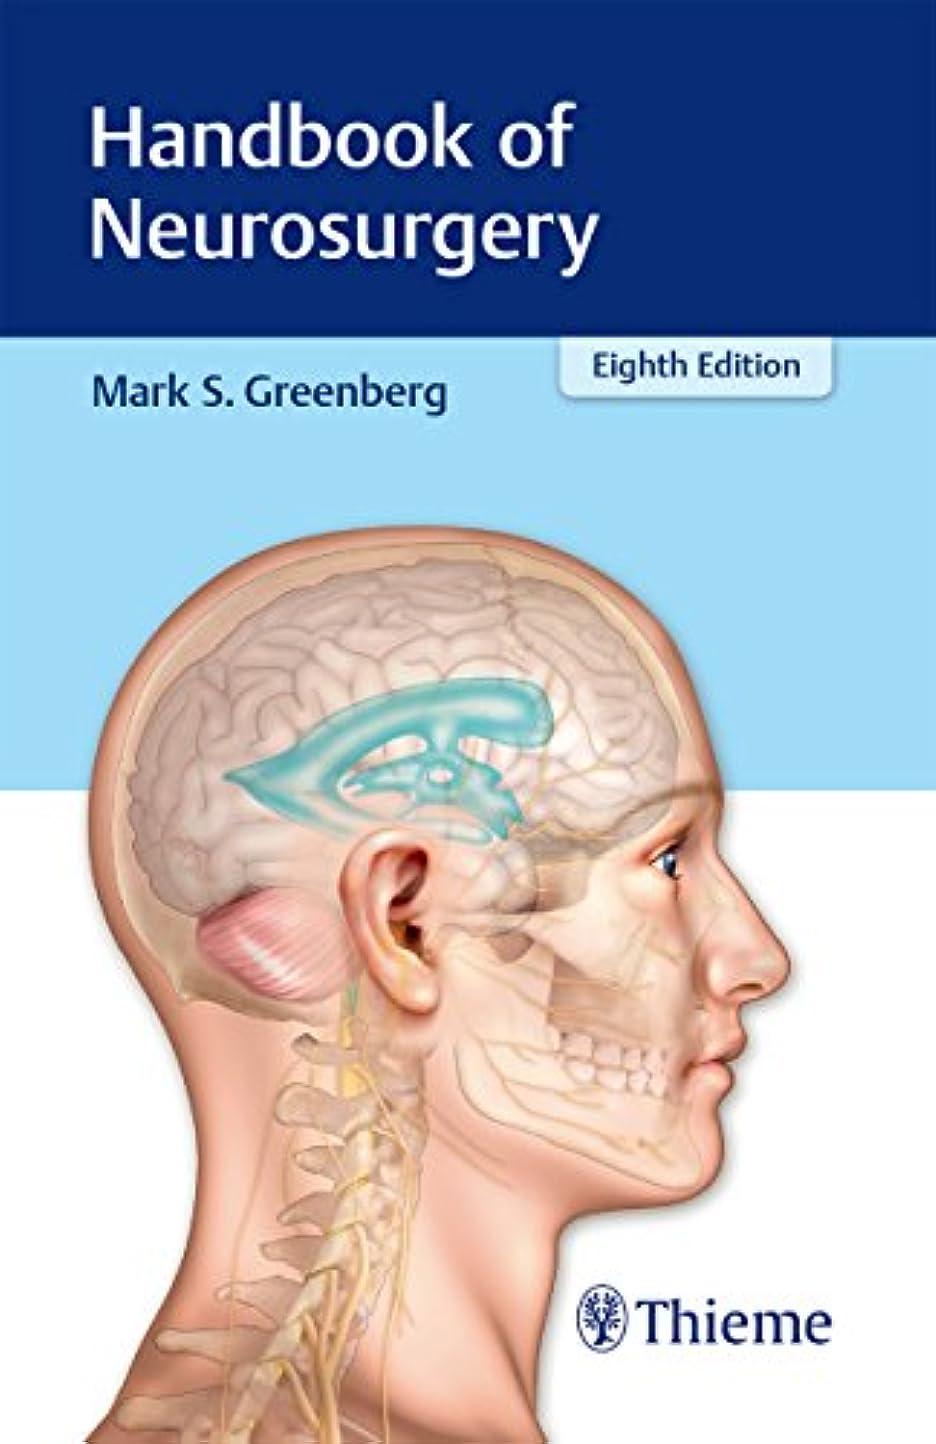 けがをする多くの危険がある状況影のあるHandbook of Neurosurgery (English Edition)